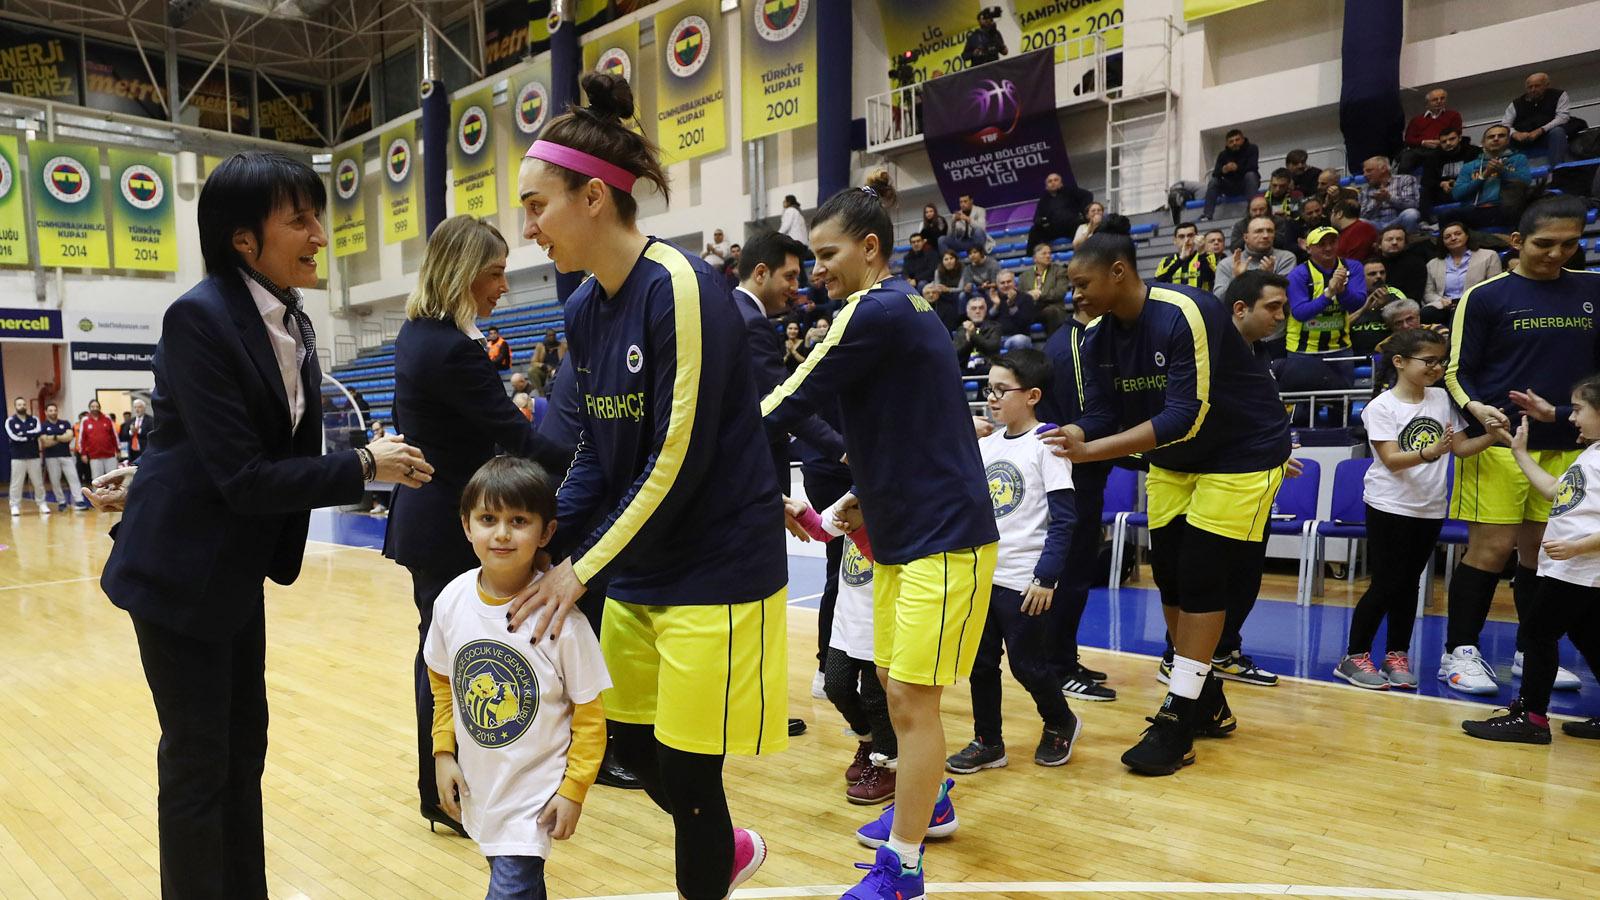 FBÇGK Katılımcıları, Fenerbahçe - Olympiakos maç önü seremonisinde yer aldı